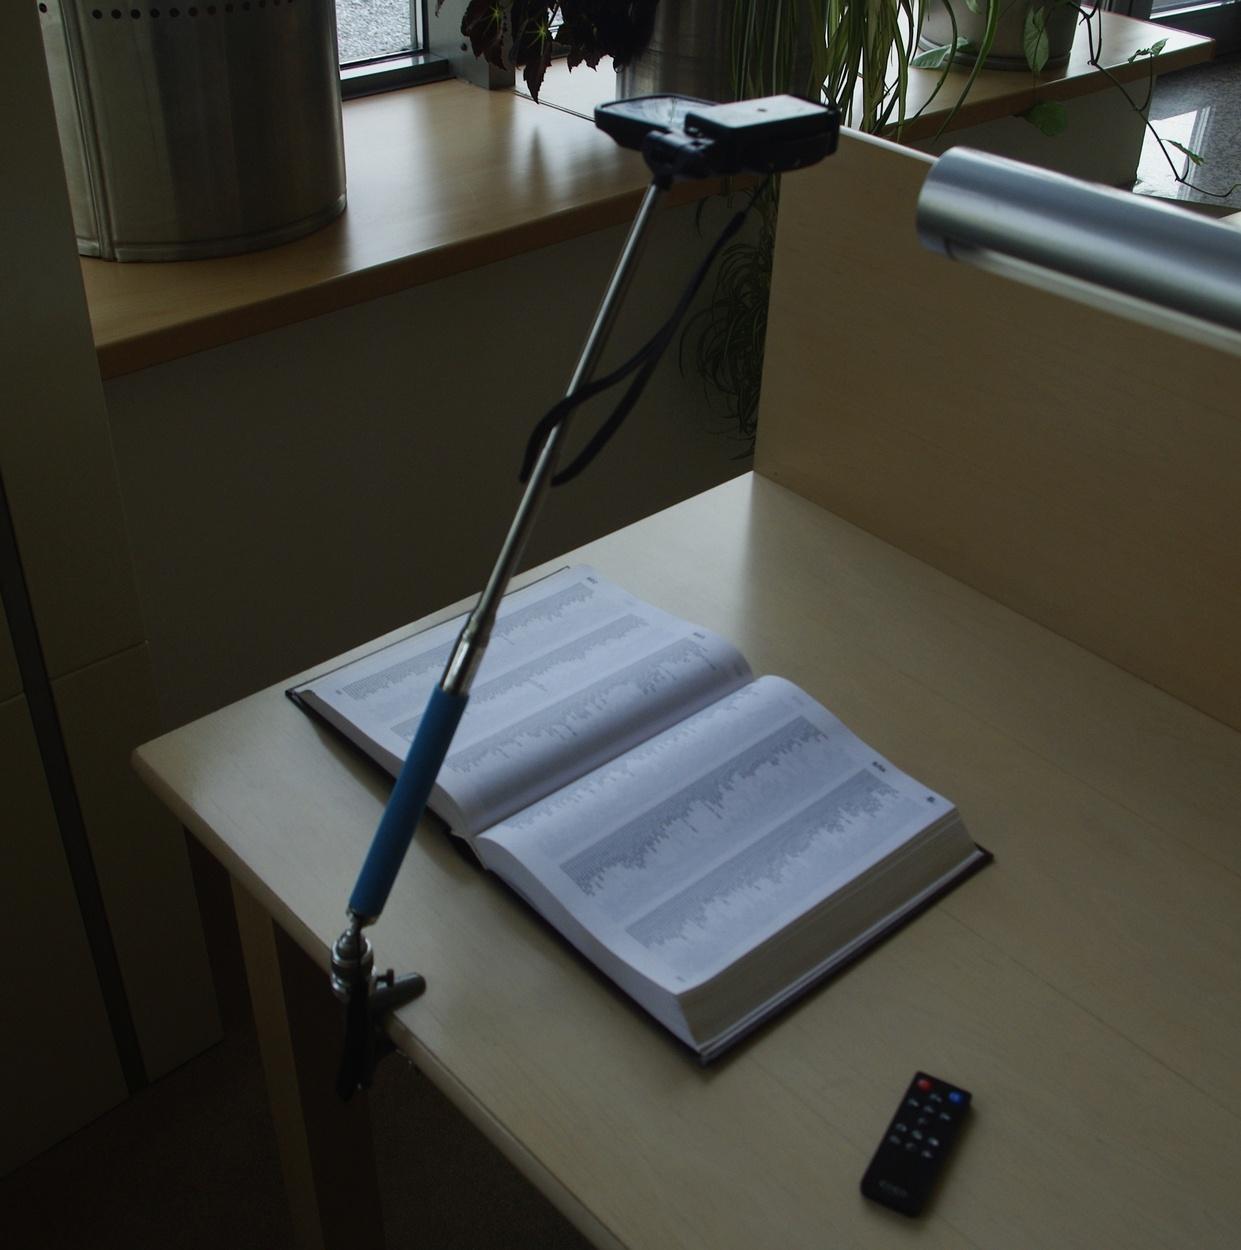 «Цифровое книгопечатание» или мой опыт в мобильной оцифровке книг - 4